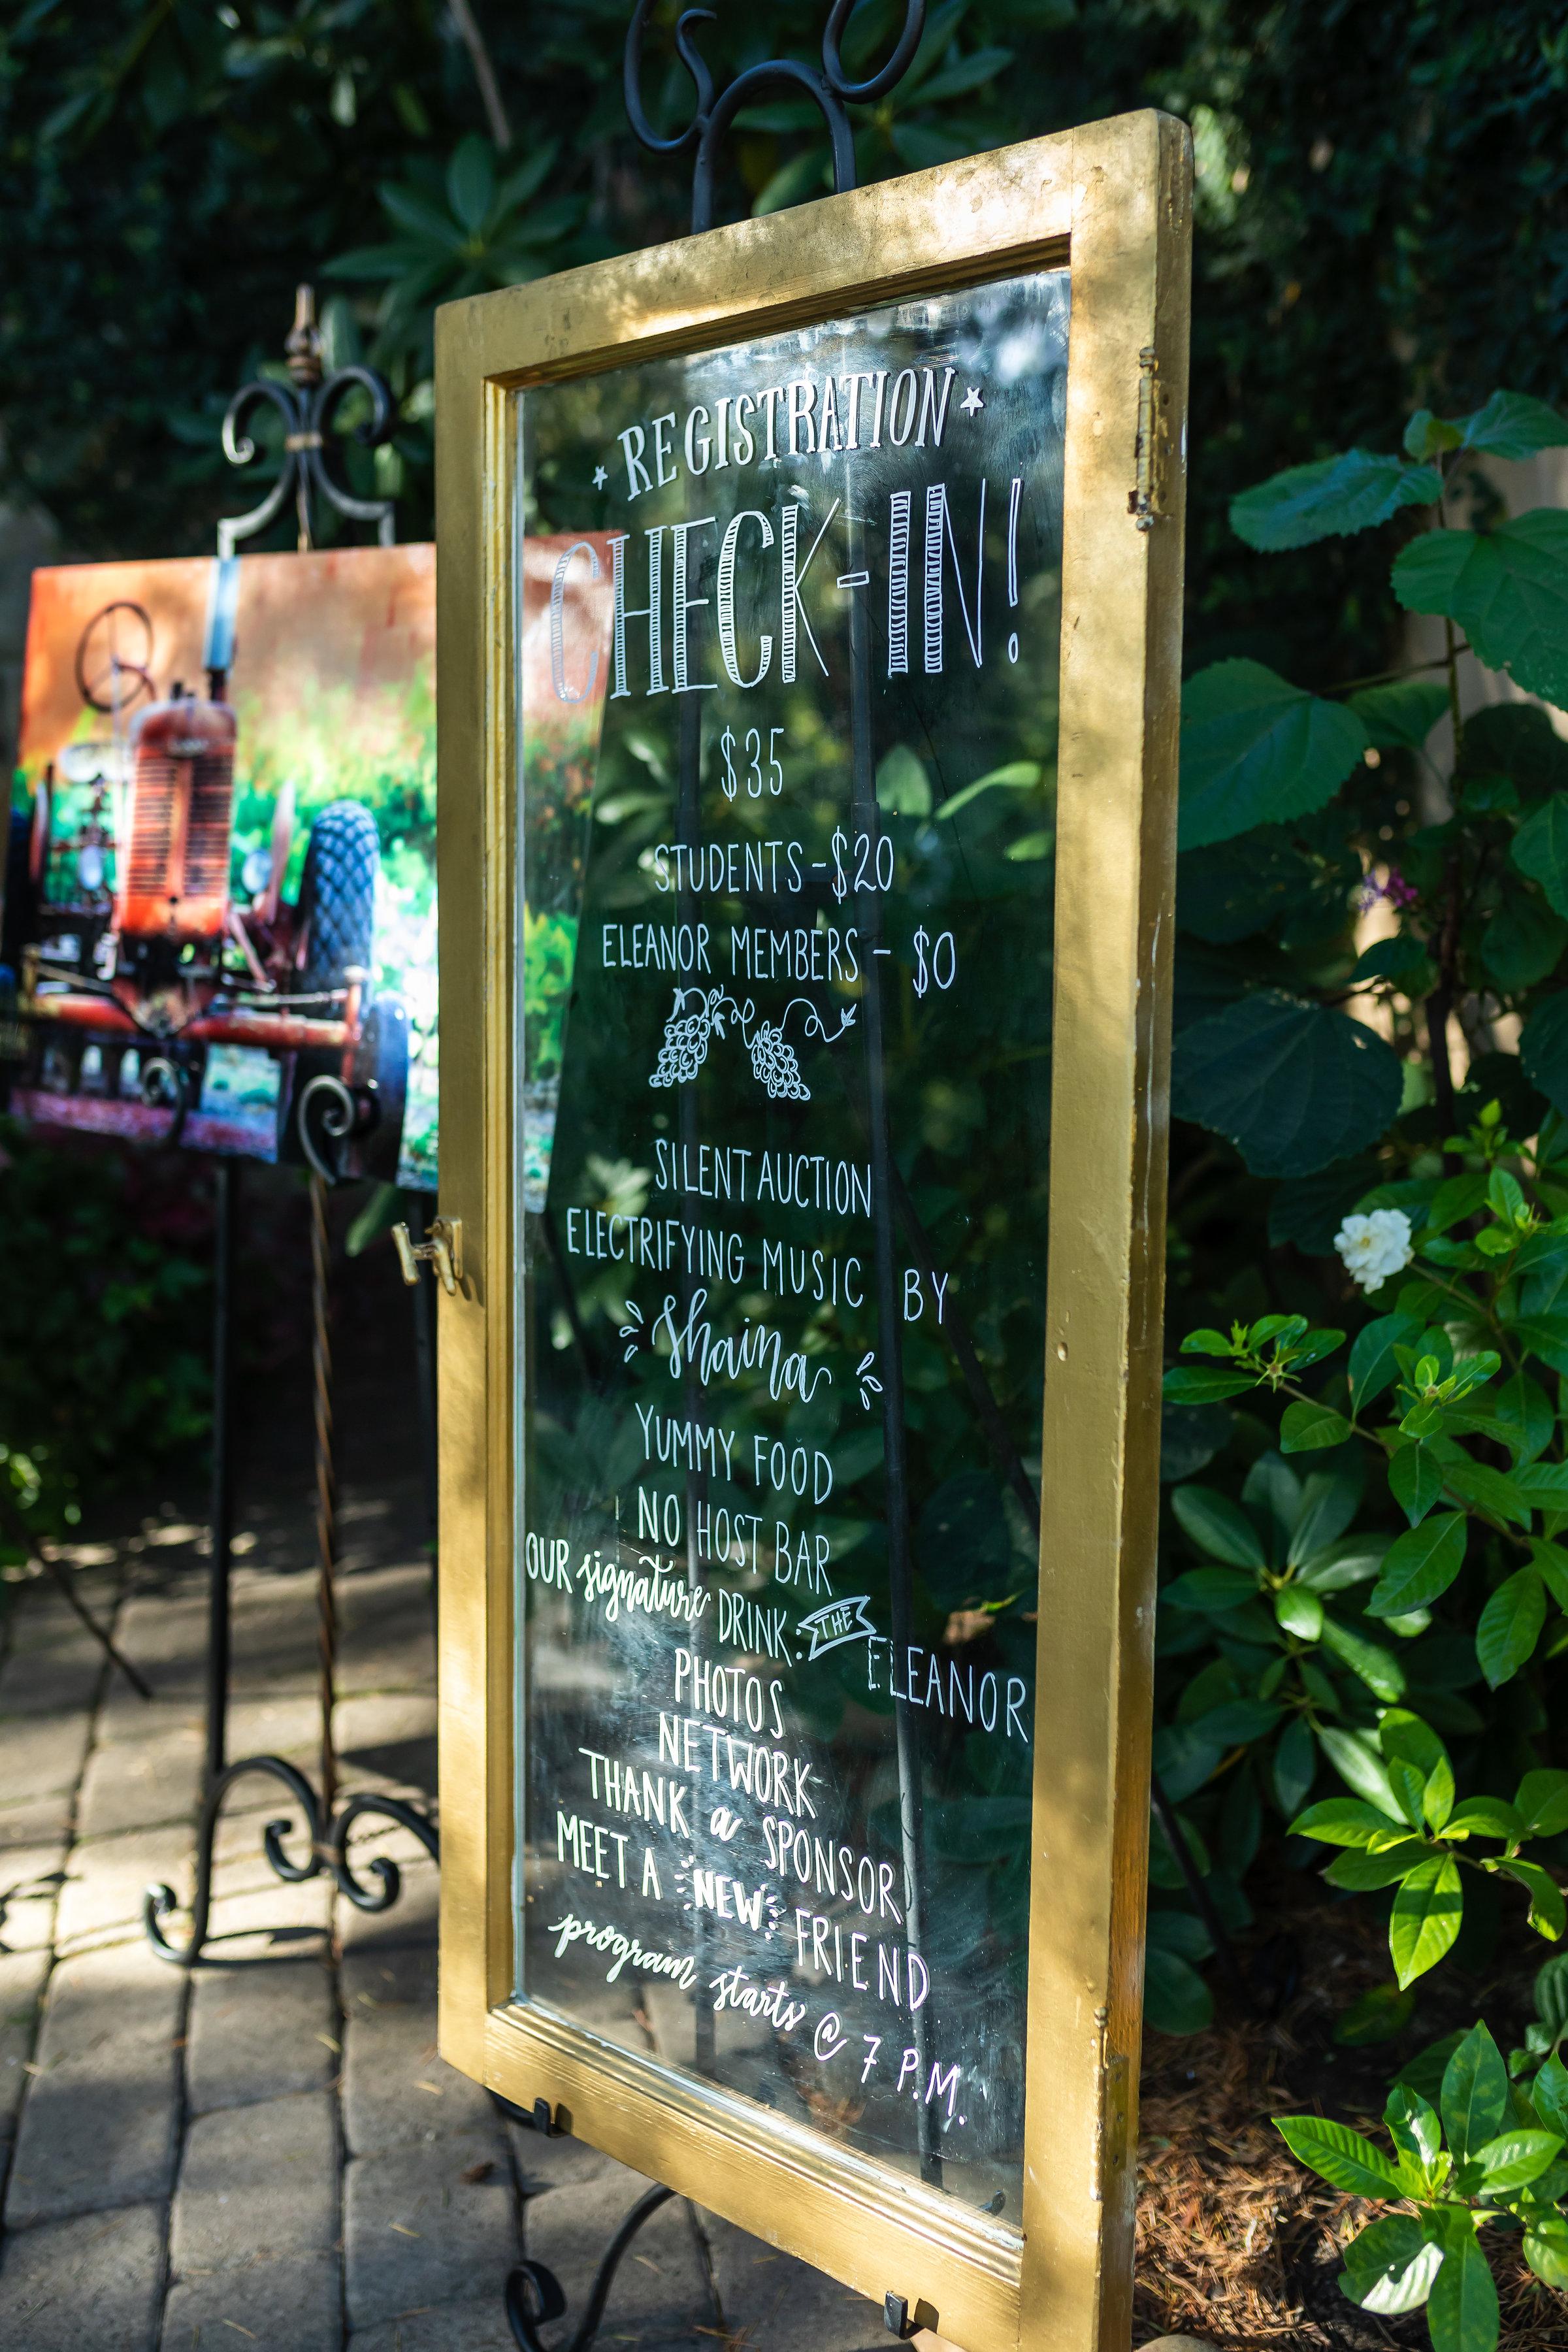 Outdoor Event Decor Program Signage